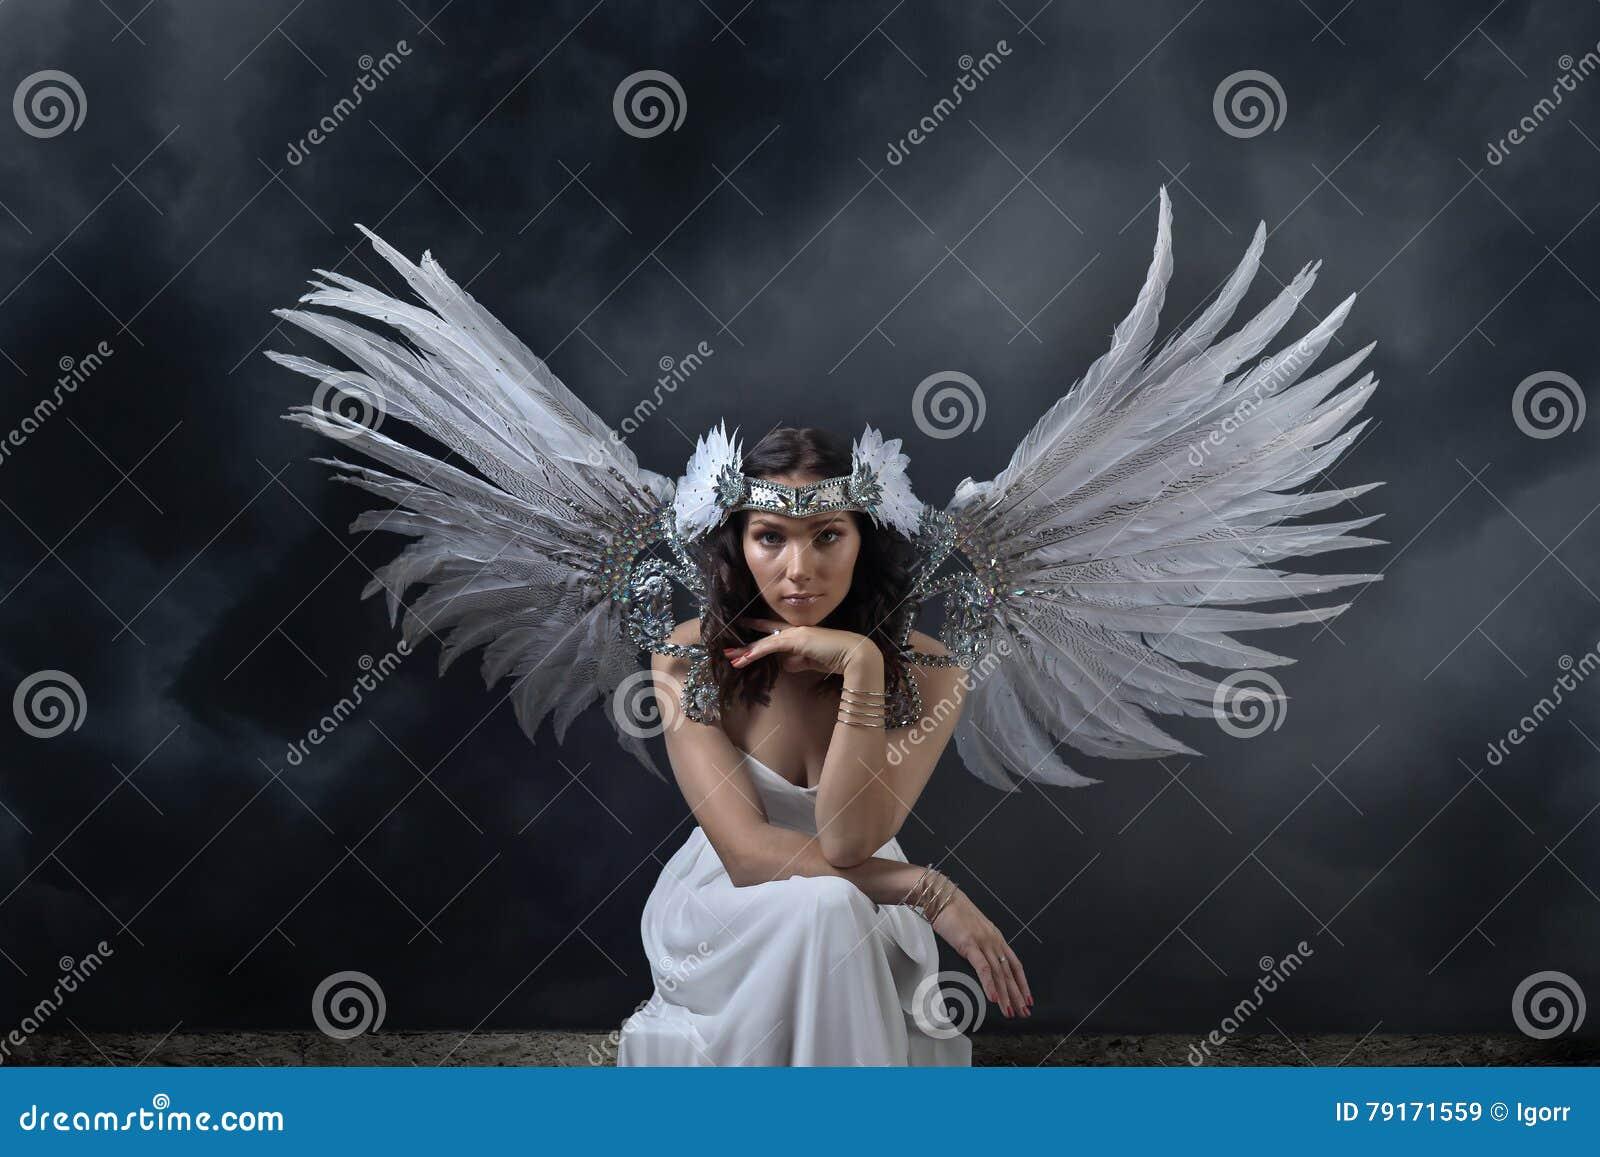 la mujer hermosa en el vestido blanco con ngel se va. Black Bedroom Furniture Sets. Home Design Ideas